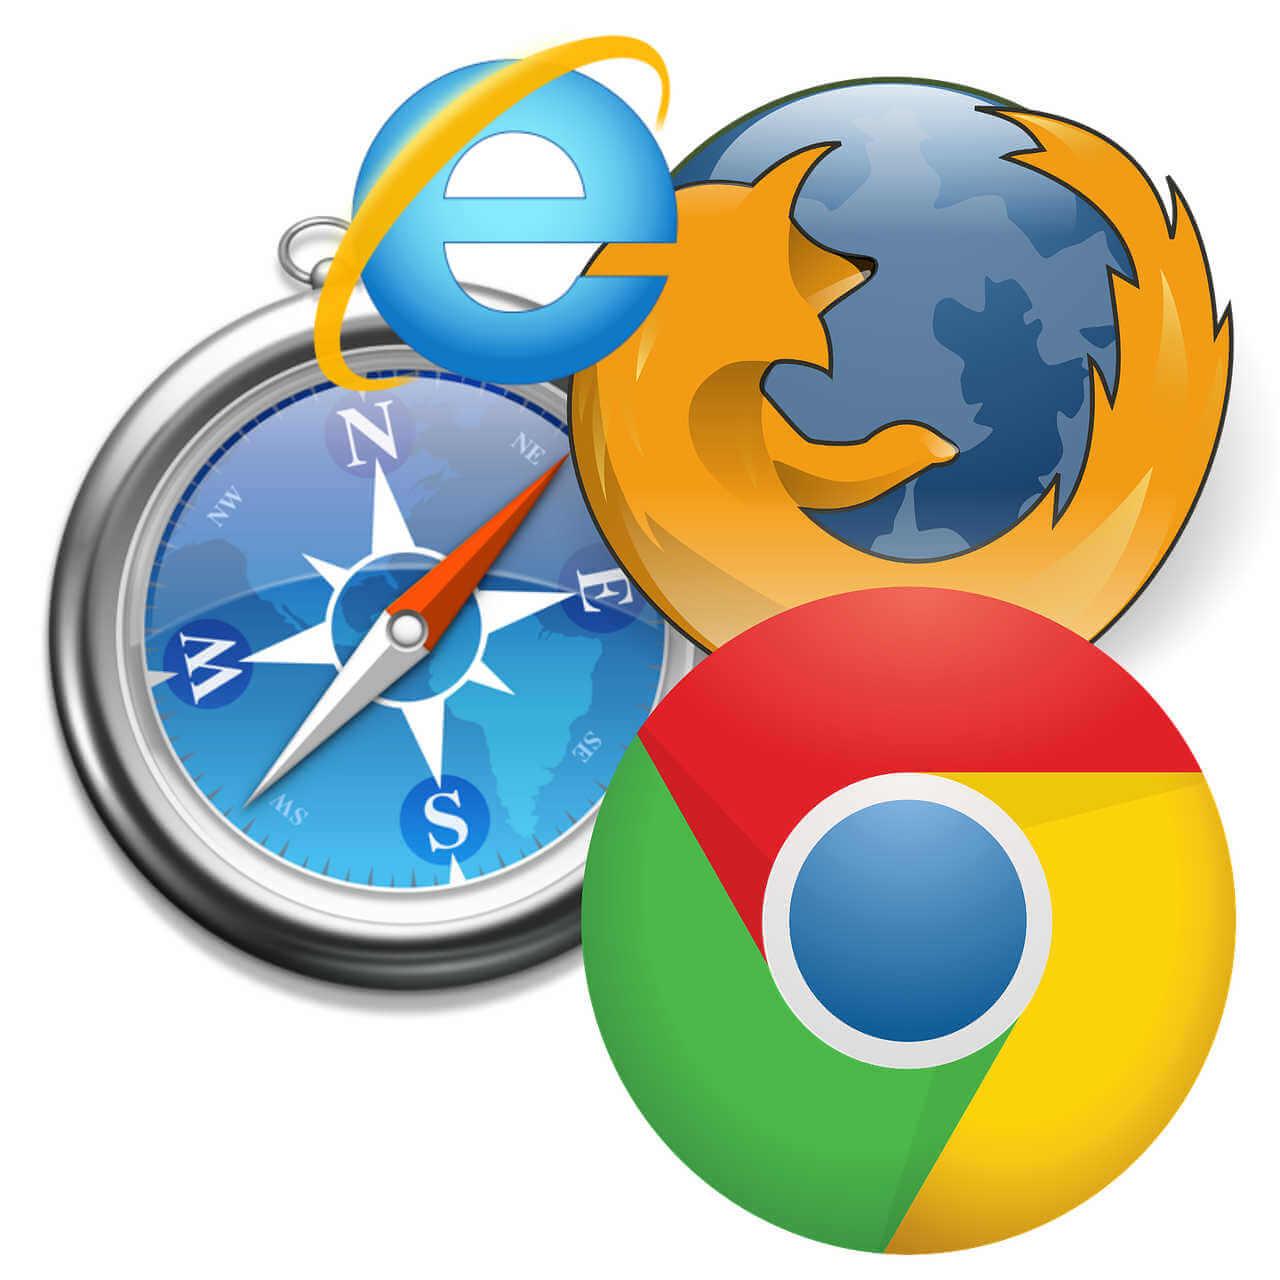 Cuáles son los mejores navegadores multiplataforma para usar en 2020? -  Mundowin